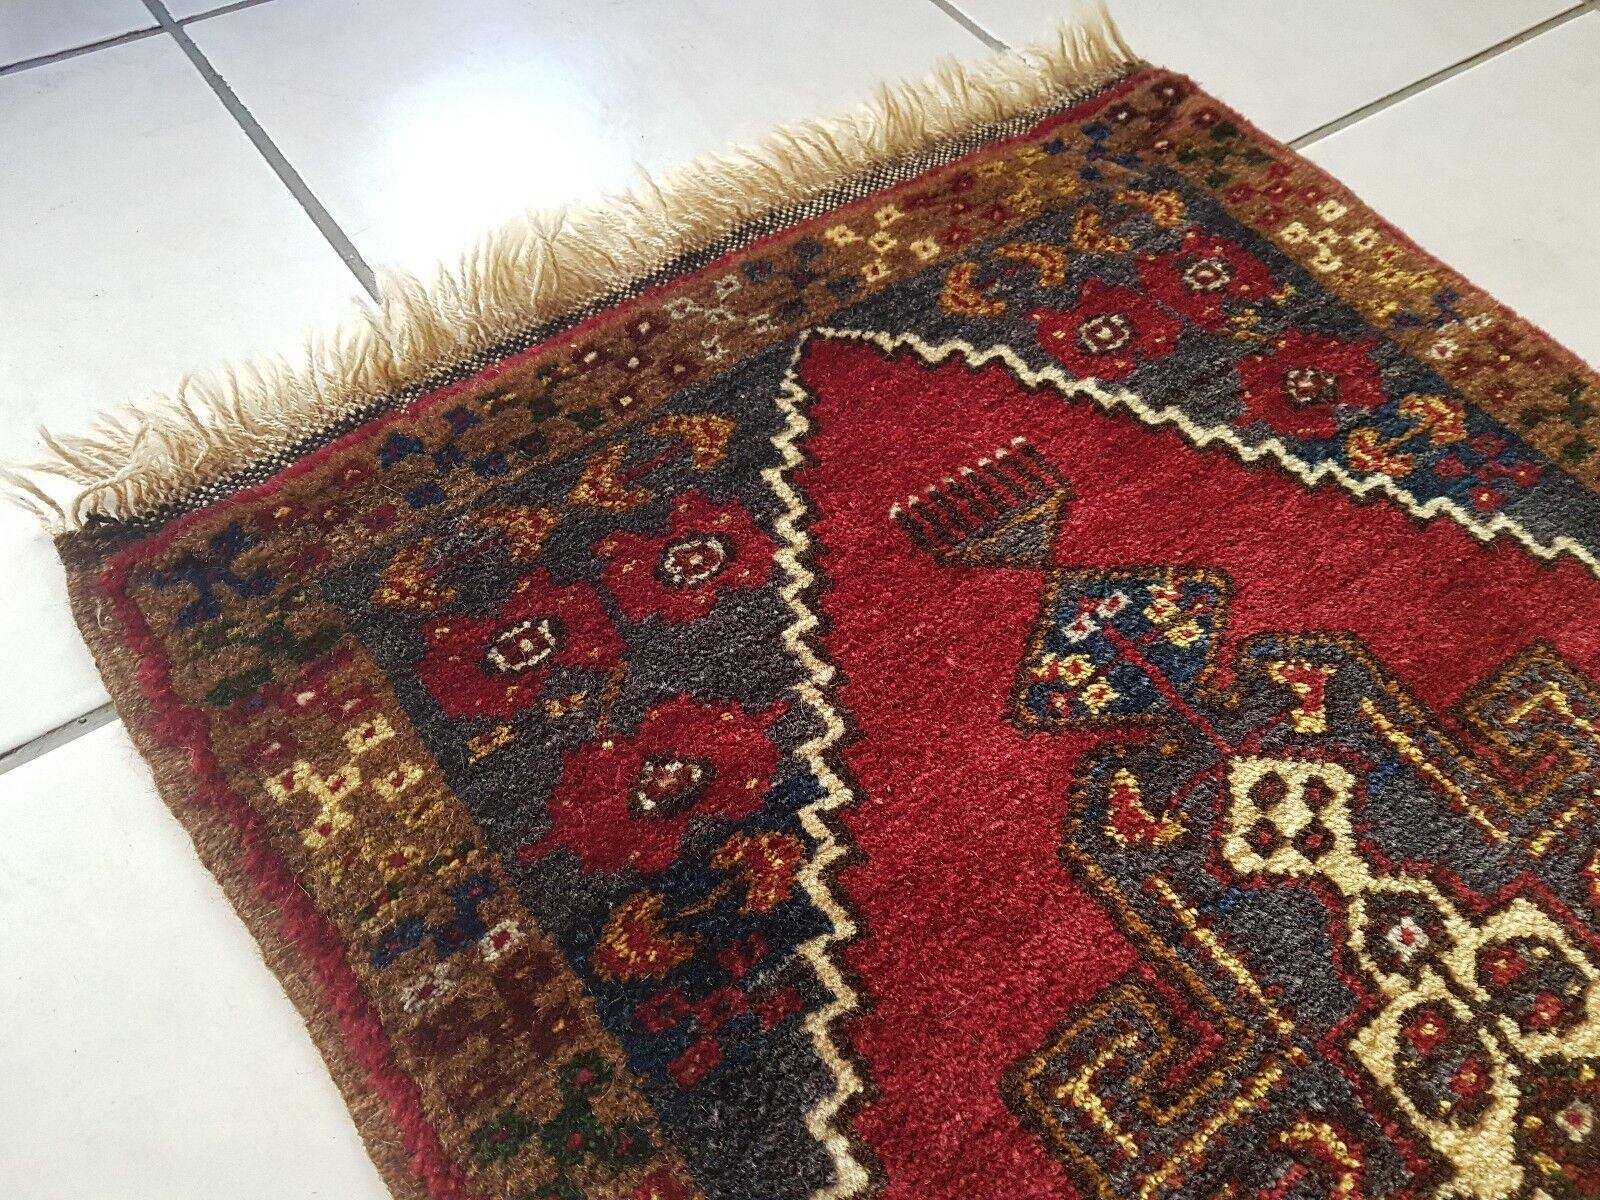 Vibrant Farbe Handknotted Tribal Decor Small Turkish Oushak Oushak Oushak Rug Mat 1.8 X 3.7ft 0d13e2